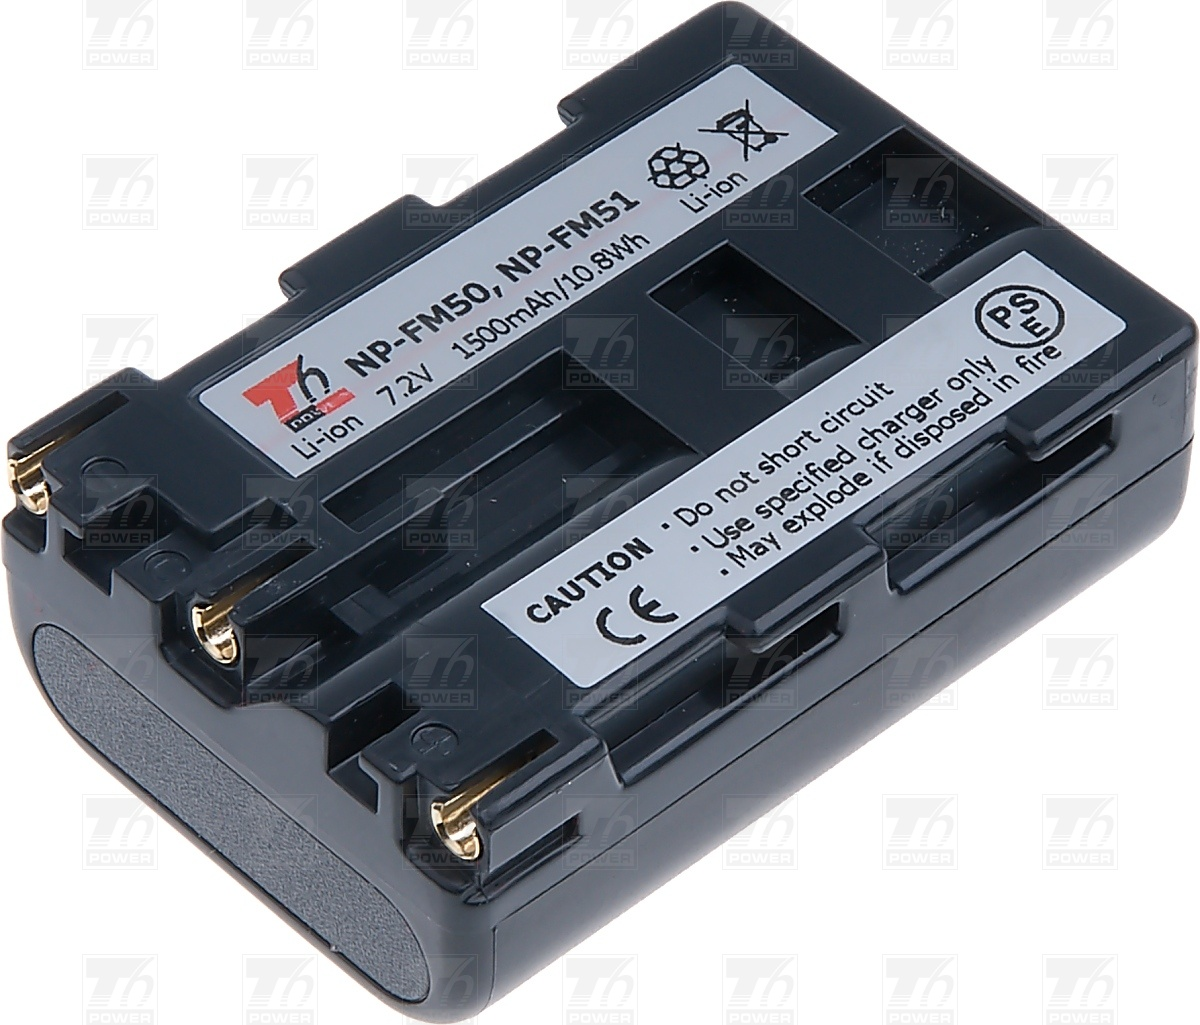 T6 power Baterie T6 power NP-FM50, NP-FM51, NP-FM30 DCSO0002